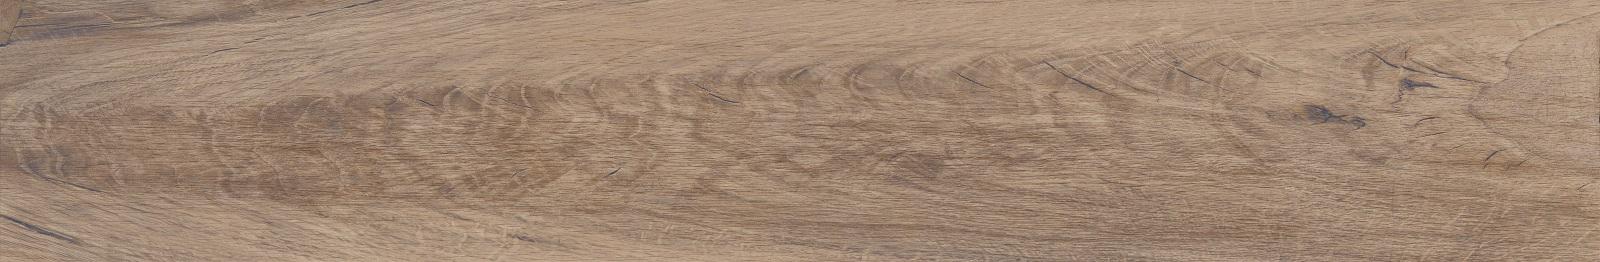 Плитка Allwood Beige (zzxwu3r) изображение 1